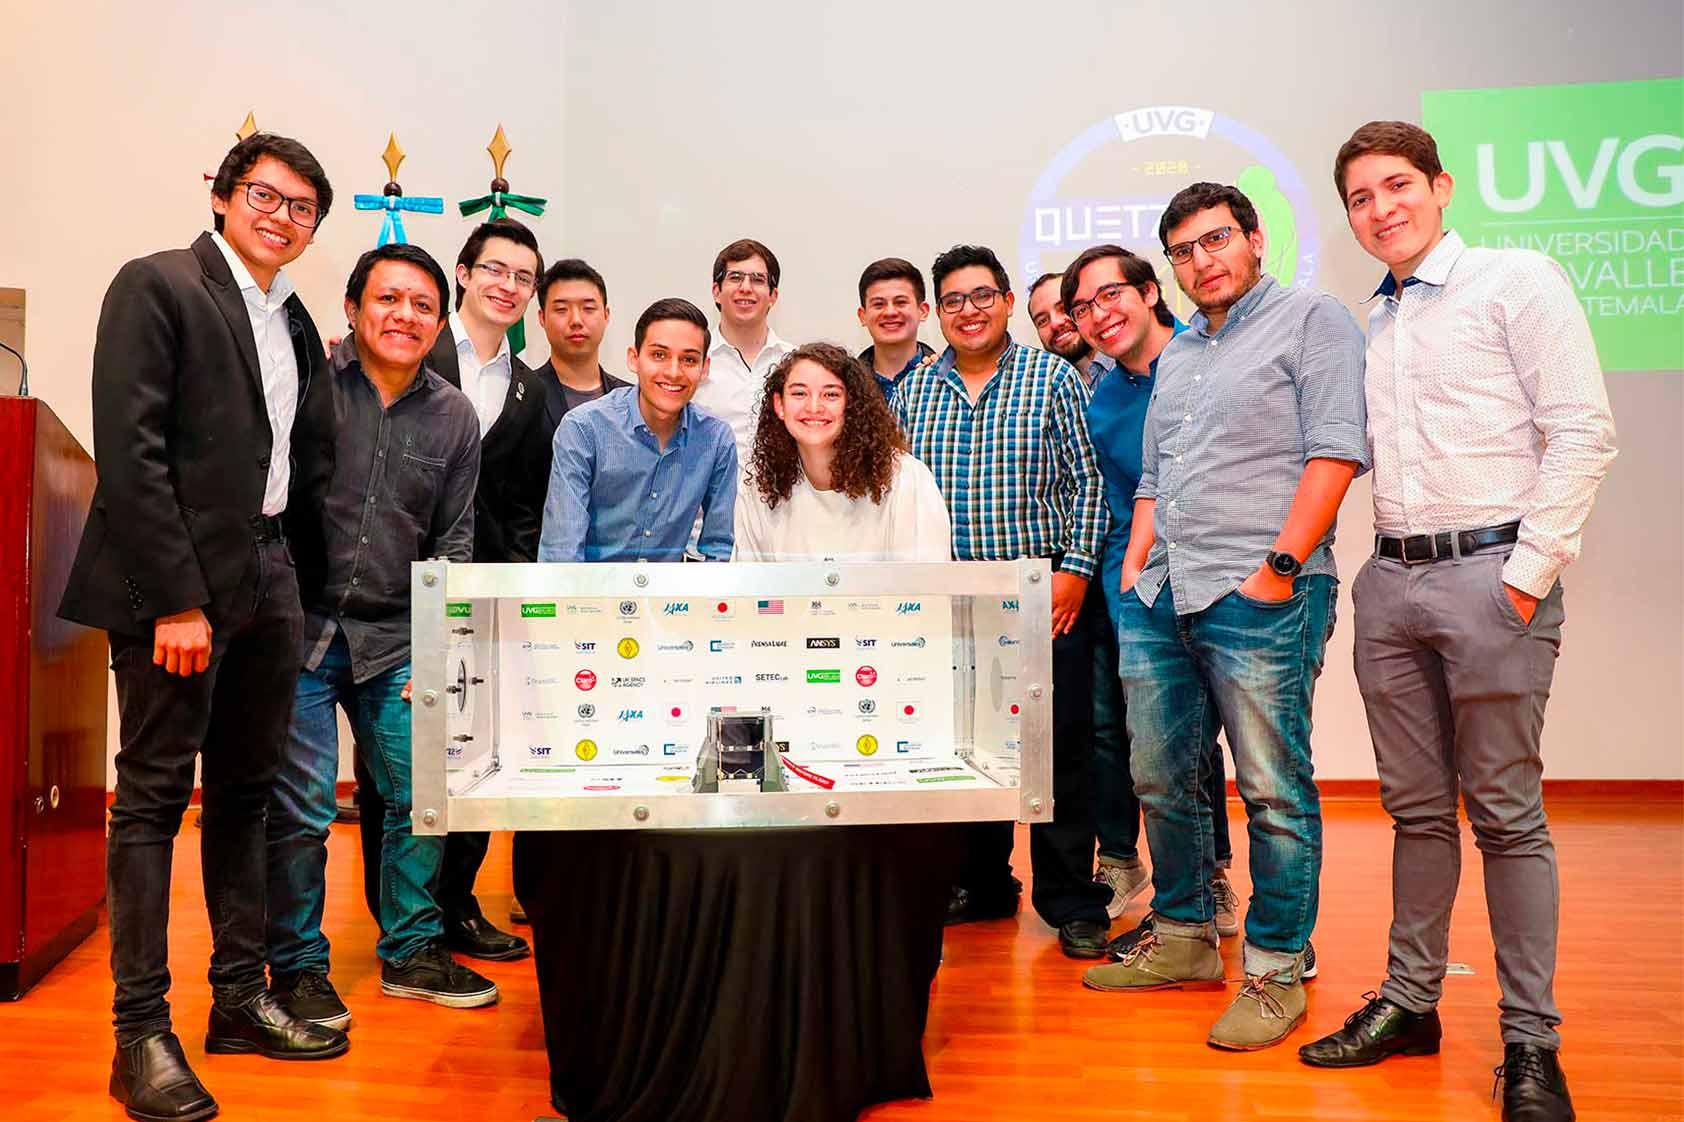 Equipo de Quetzal-1 es un reflejo del poder de los jóvenes en la ciencia